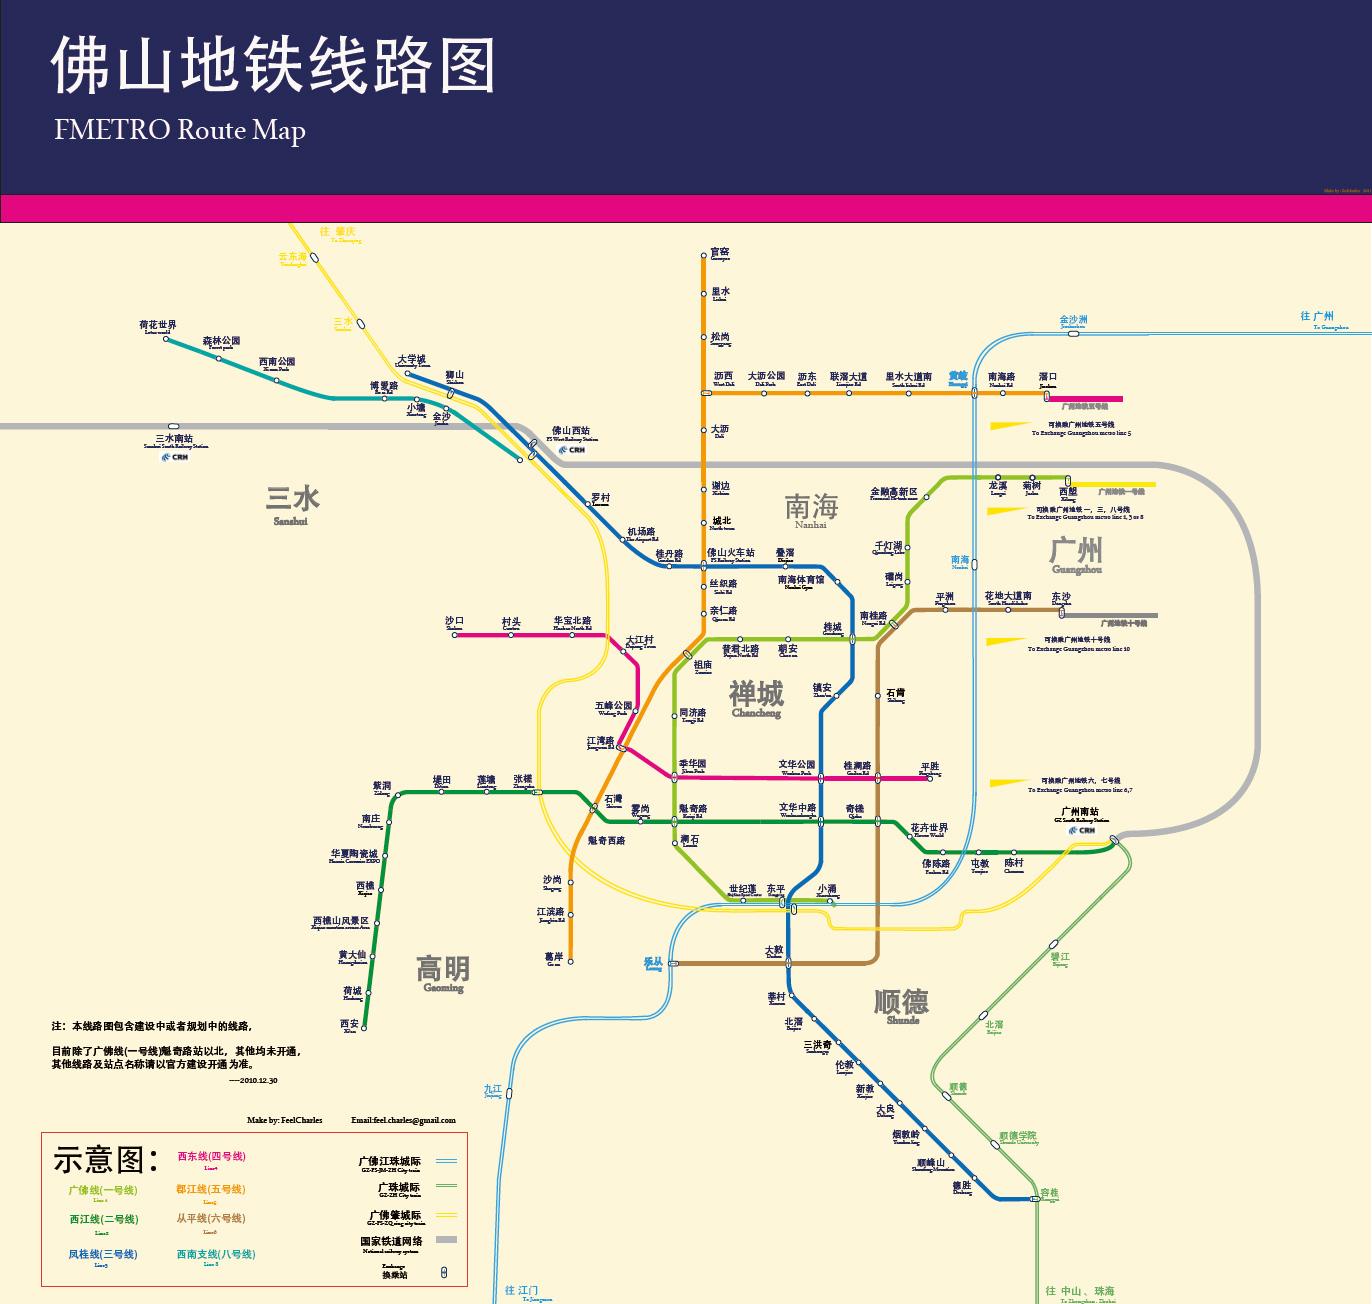 佛山地铁线路规划